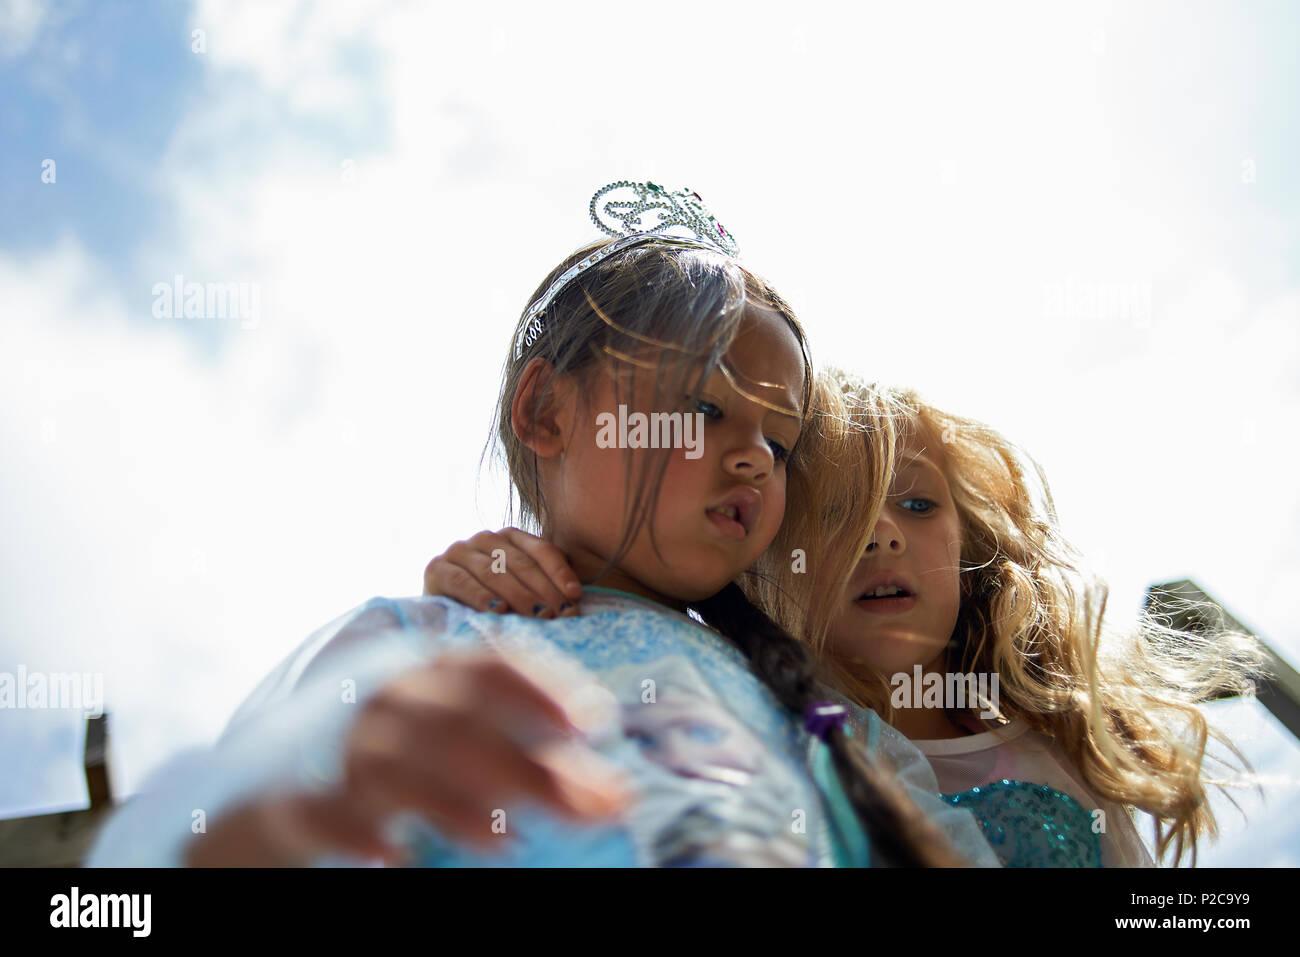 Joven asiática vistiendo un traje de princesa y una tiara celebrando su cumpleaños con su mejor amiga abrazando a su apretado Imagen De Stock